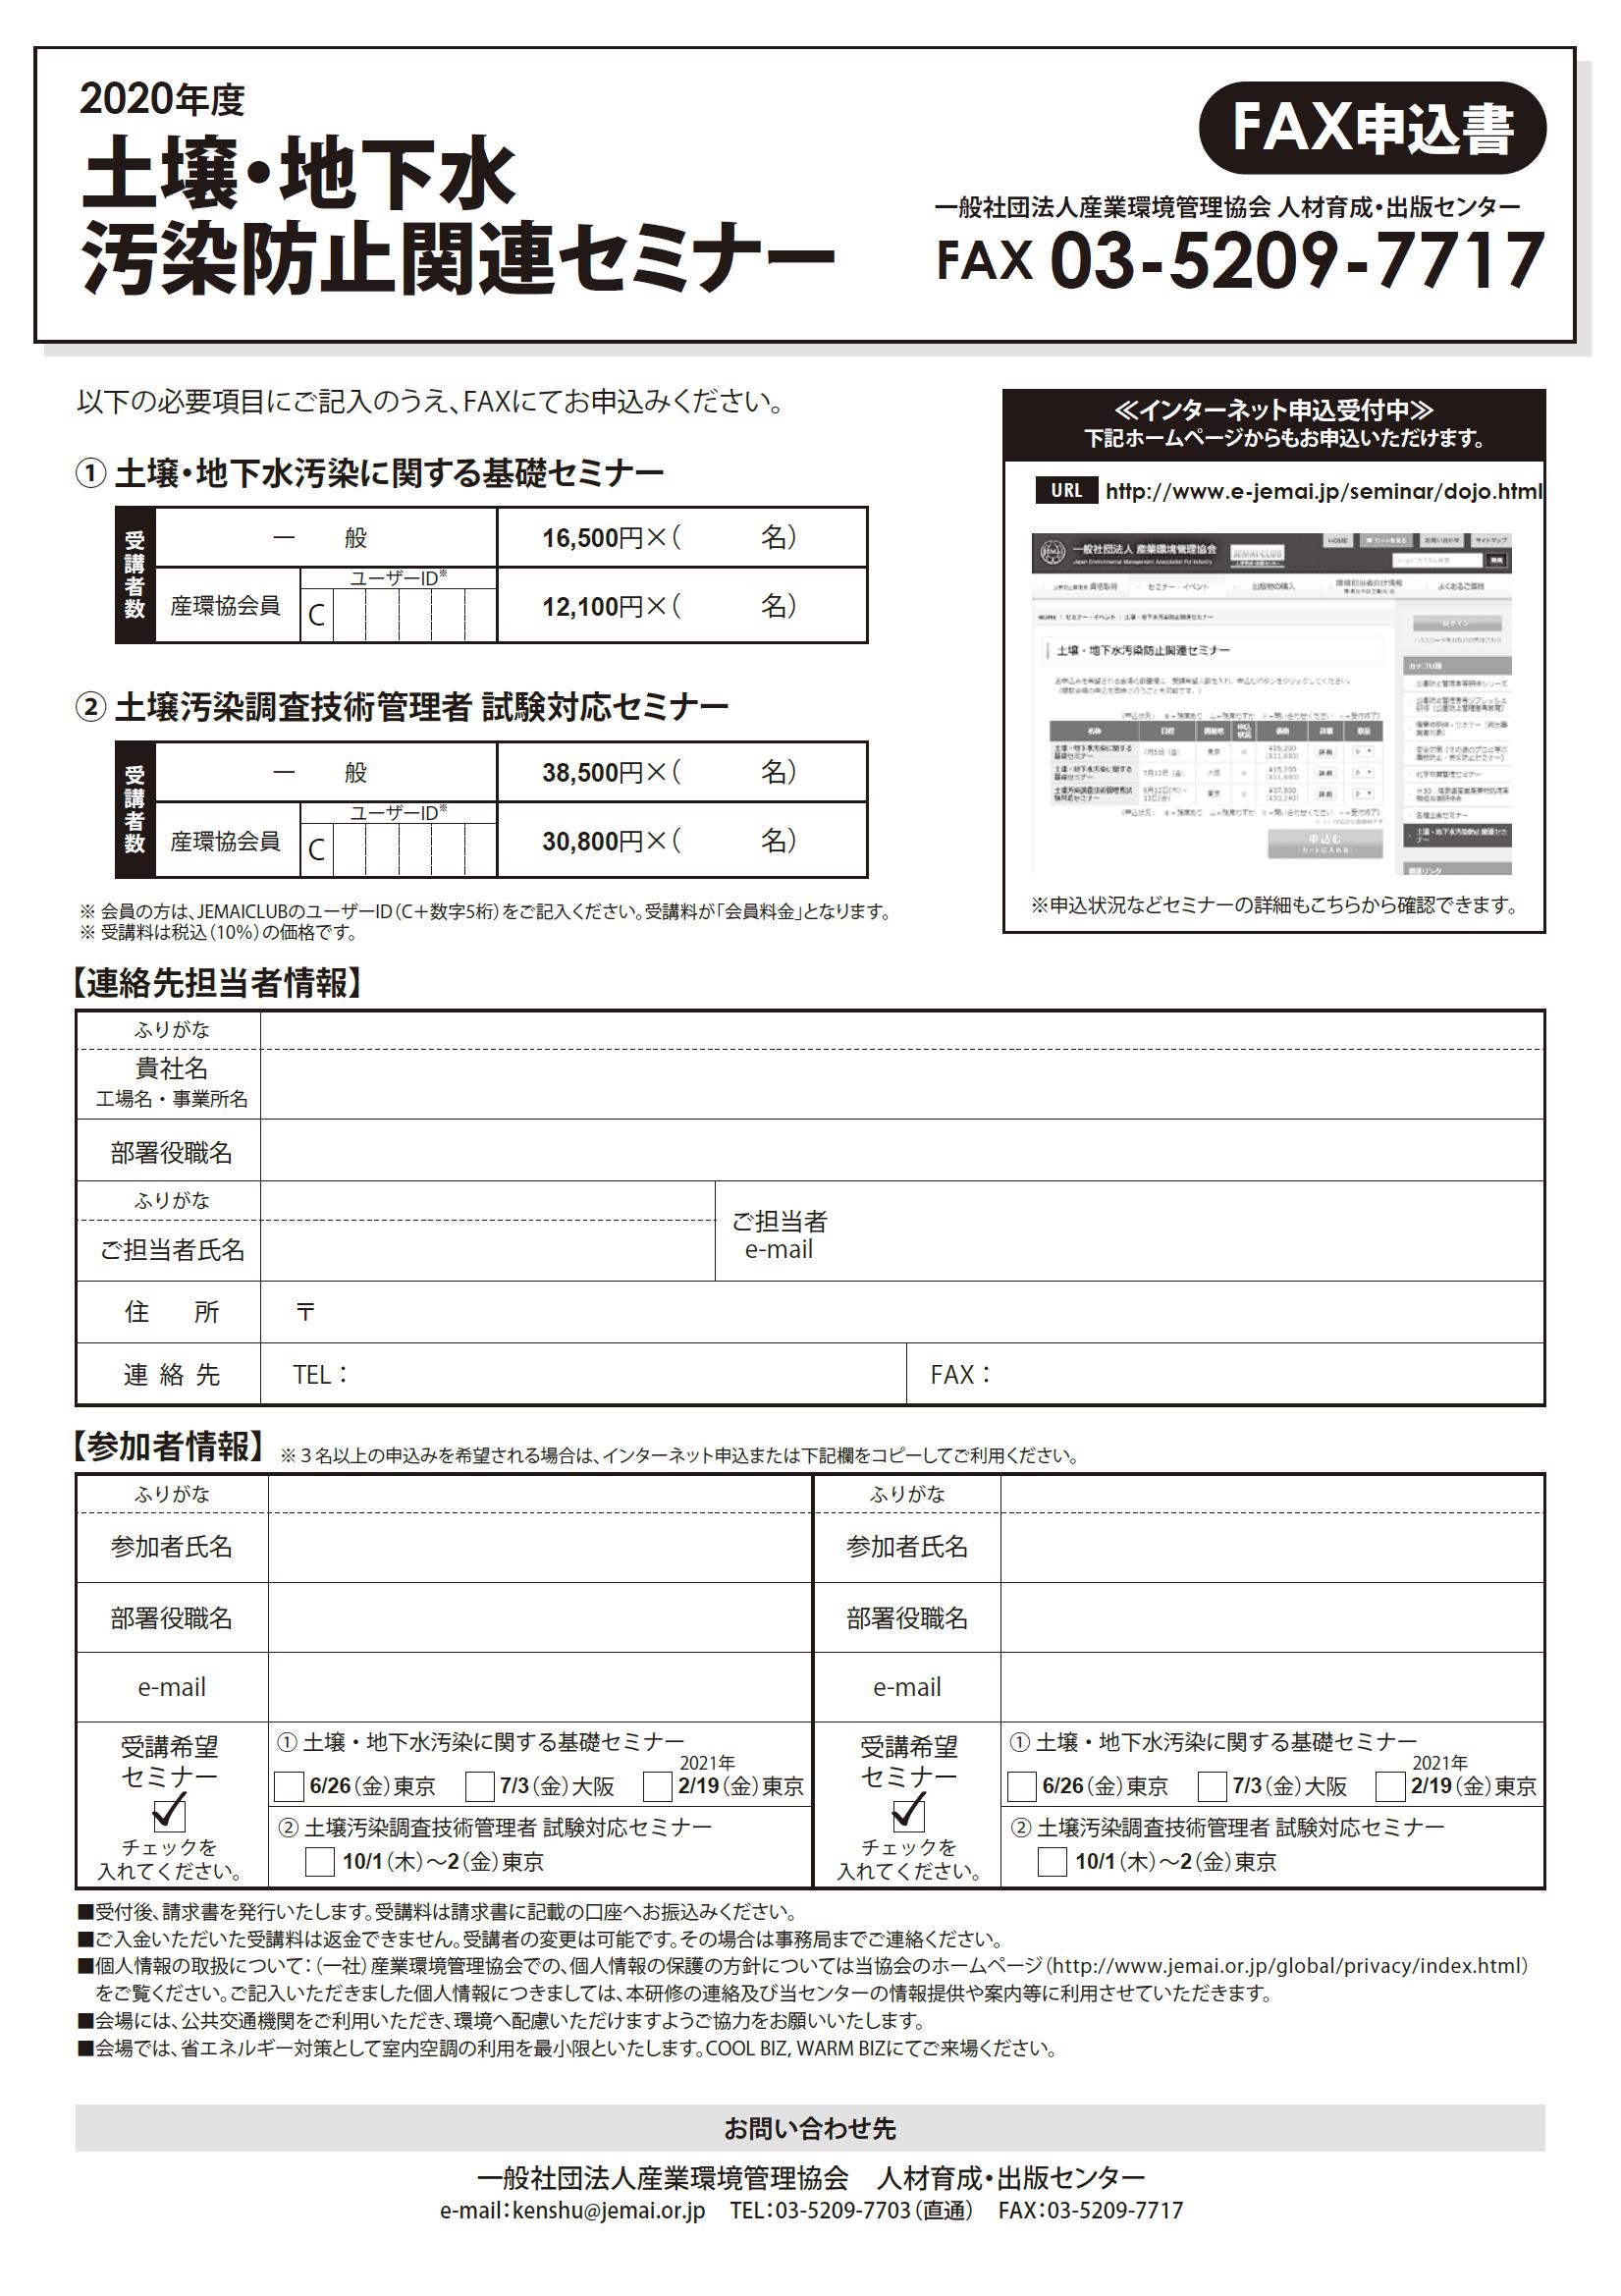 dojo2020_leaflet_thumb2.png